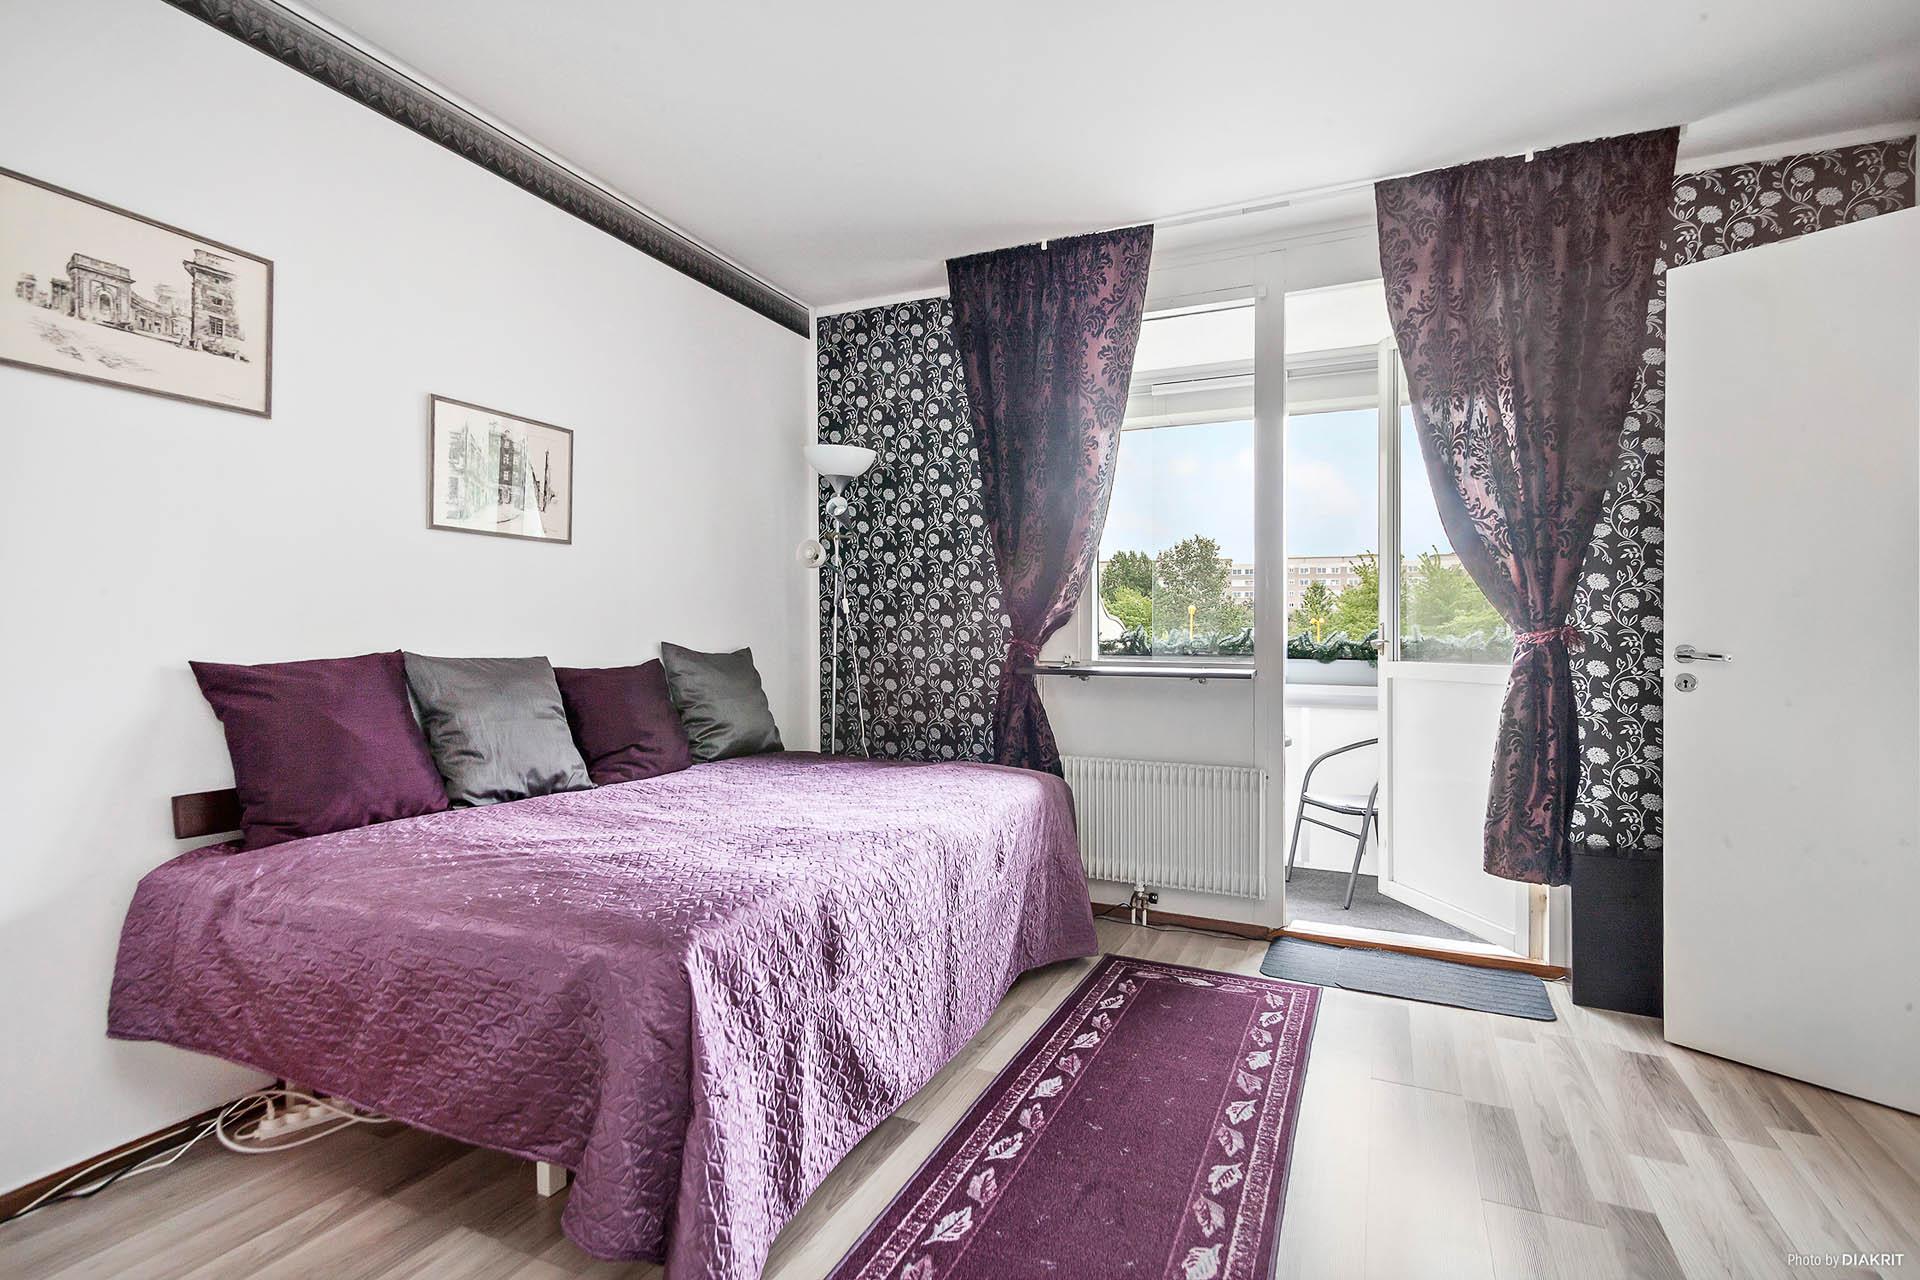 Det stora sovrummet ligger i direkt anslutning till kök/matplats och balkong mot innergården i söderläge.